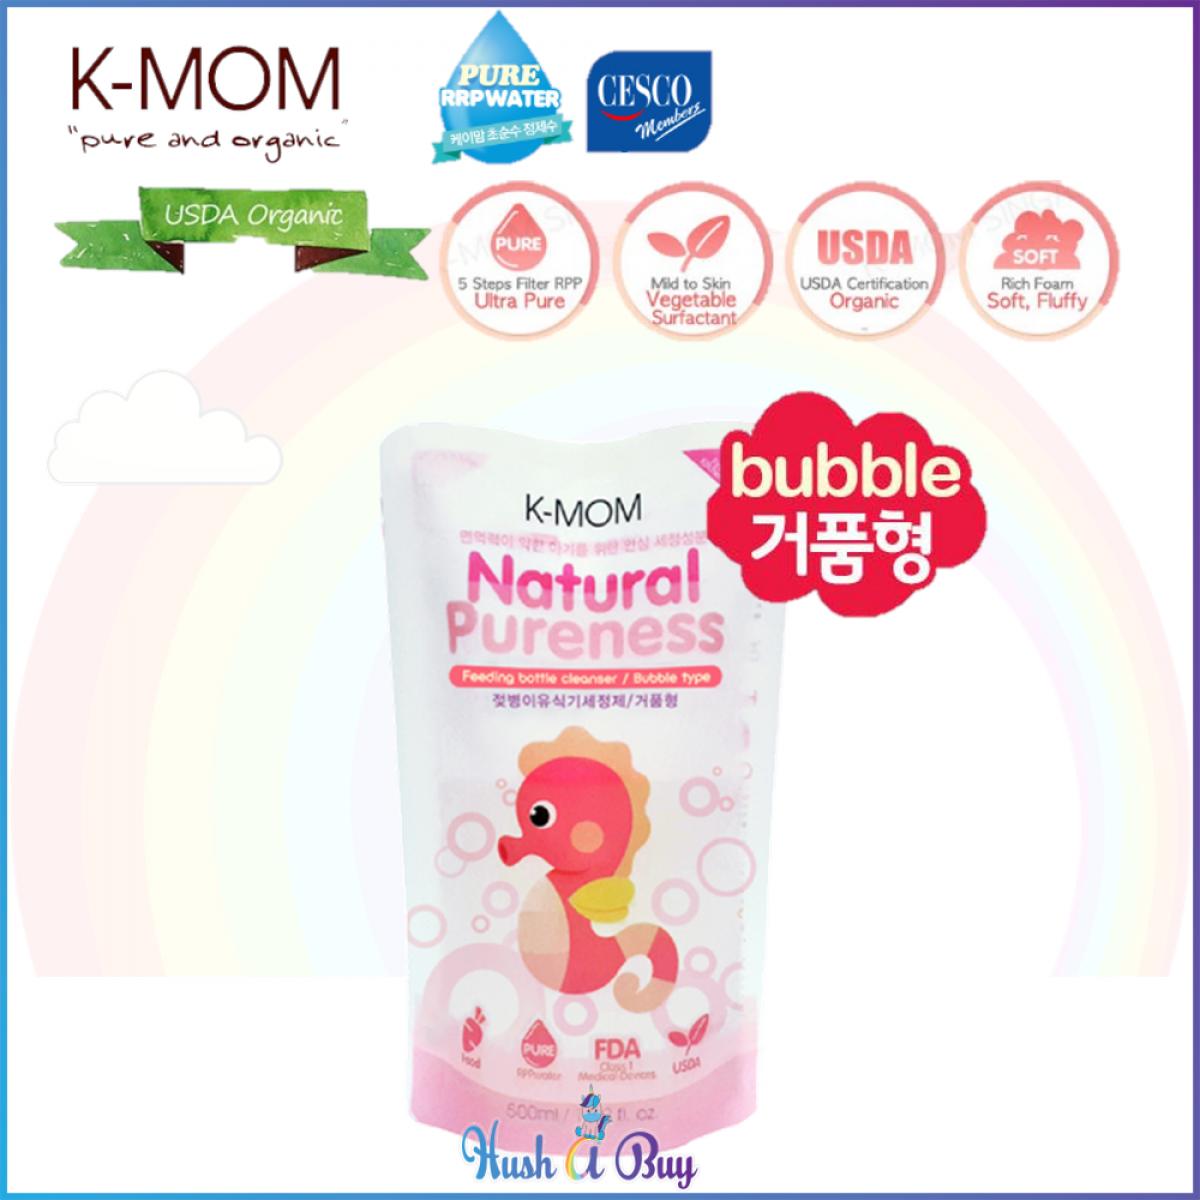 K-MOM USDA Organic Baby Bottle Cleanser Pack (Bubble Type) 500ml - Refill